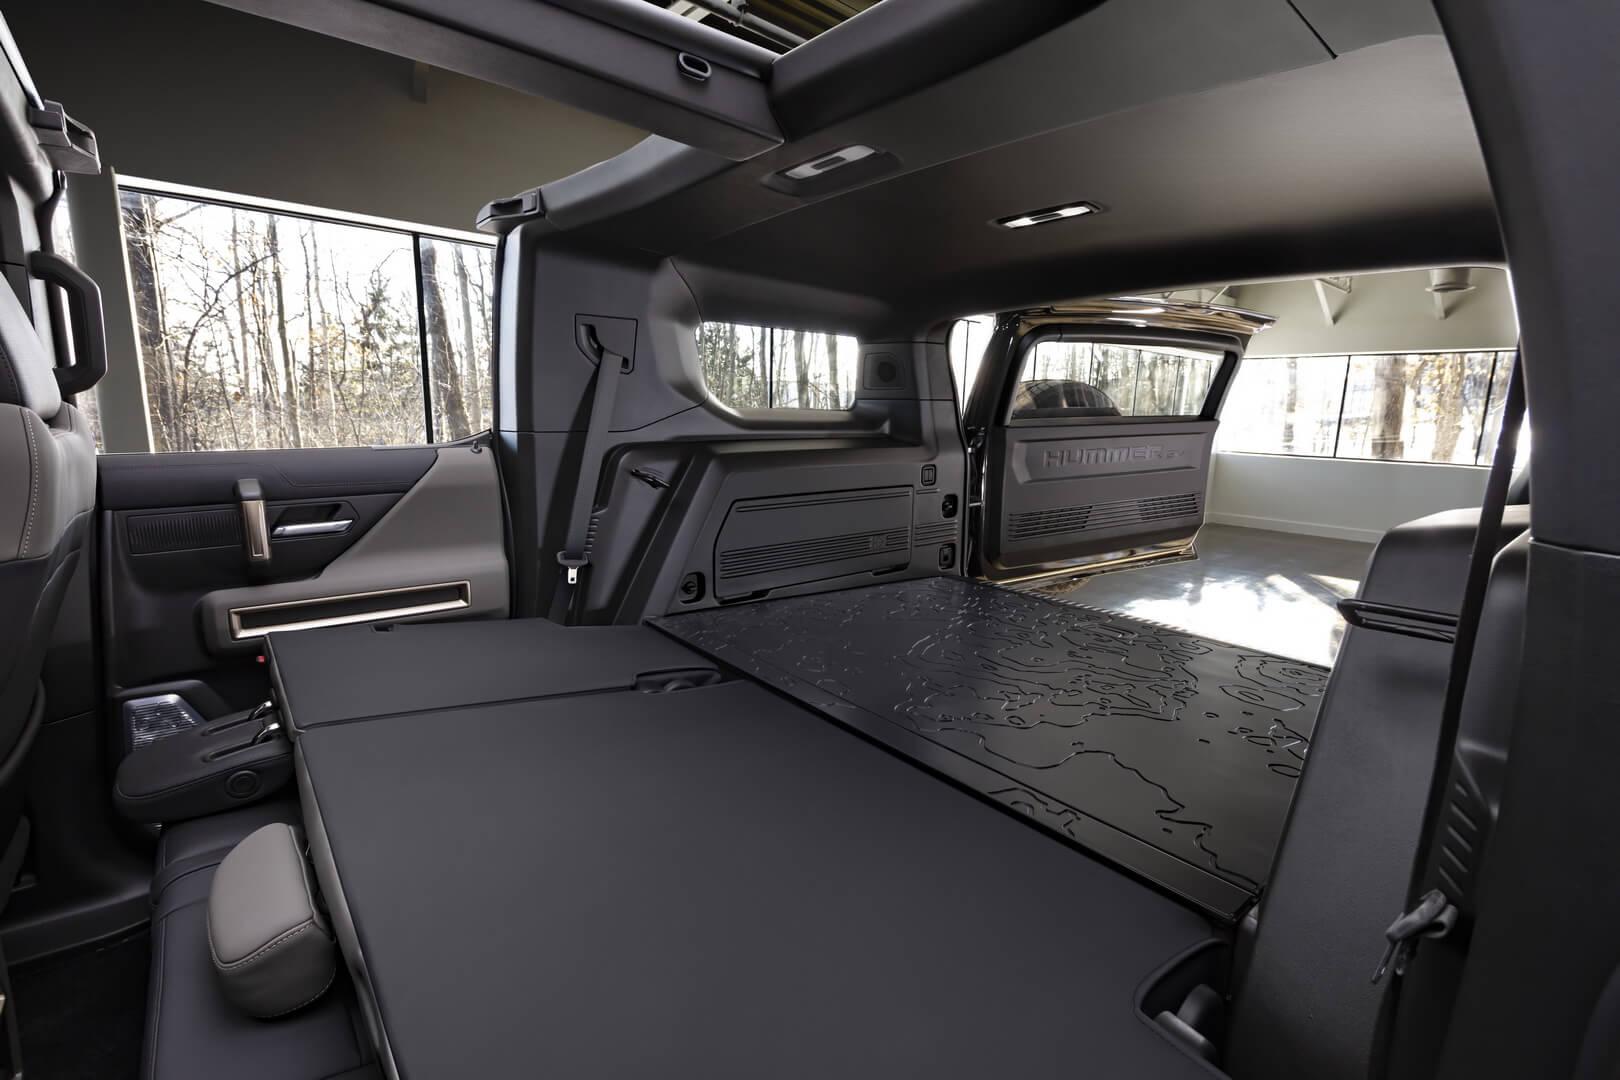 Фотография экоавто Внедорожник GMC Hummer EV Edition 1 с экстремальным внедорожным пакетом - фото 38